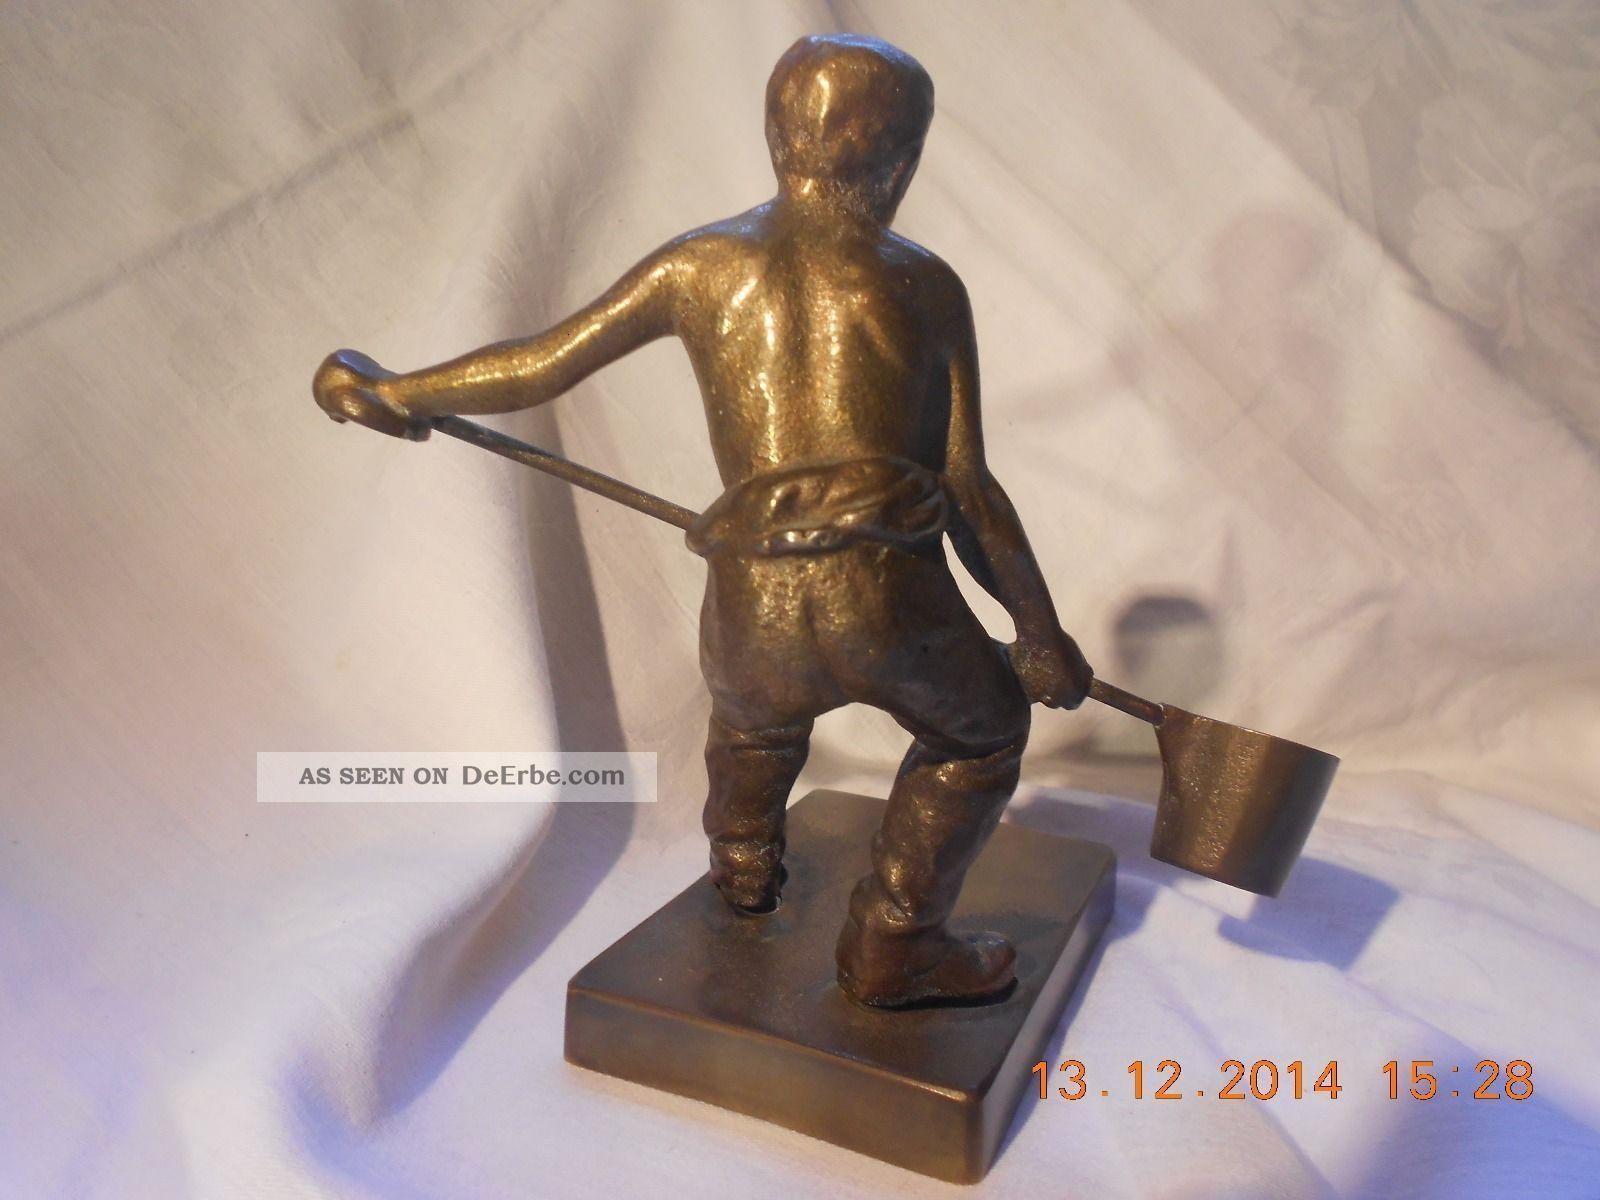 Antike Bronze Figur Statue Metall Giesser Neue Sachlichkeit Verismus 1920 30